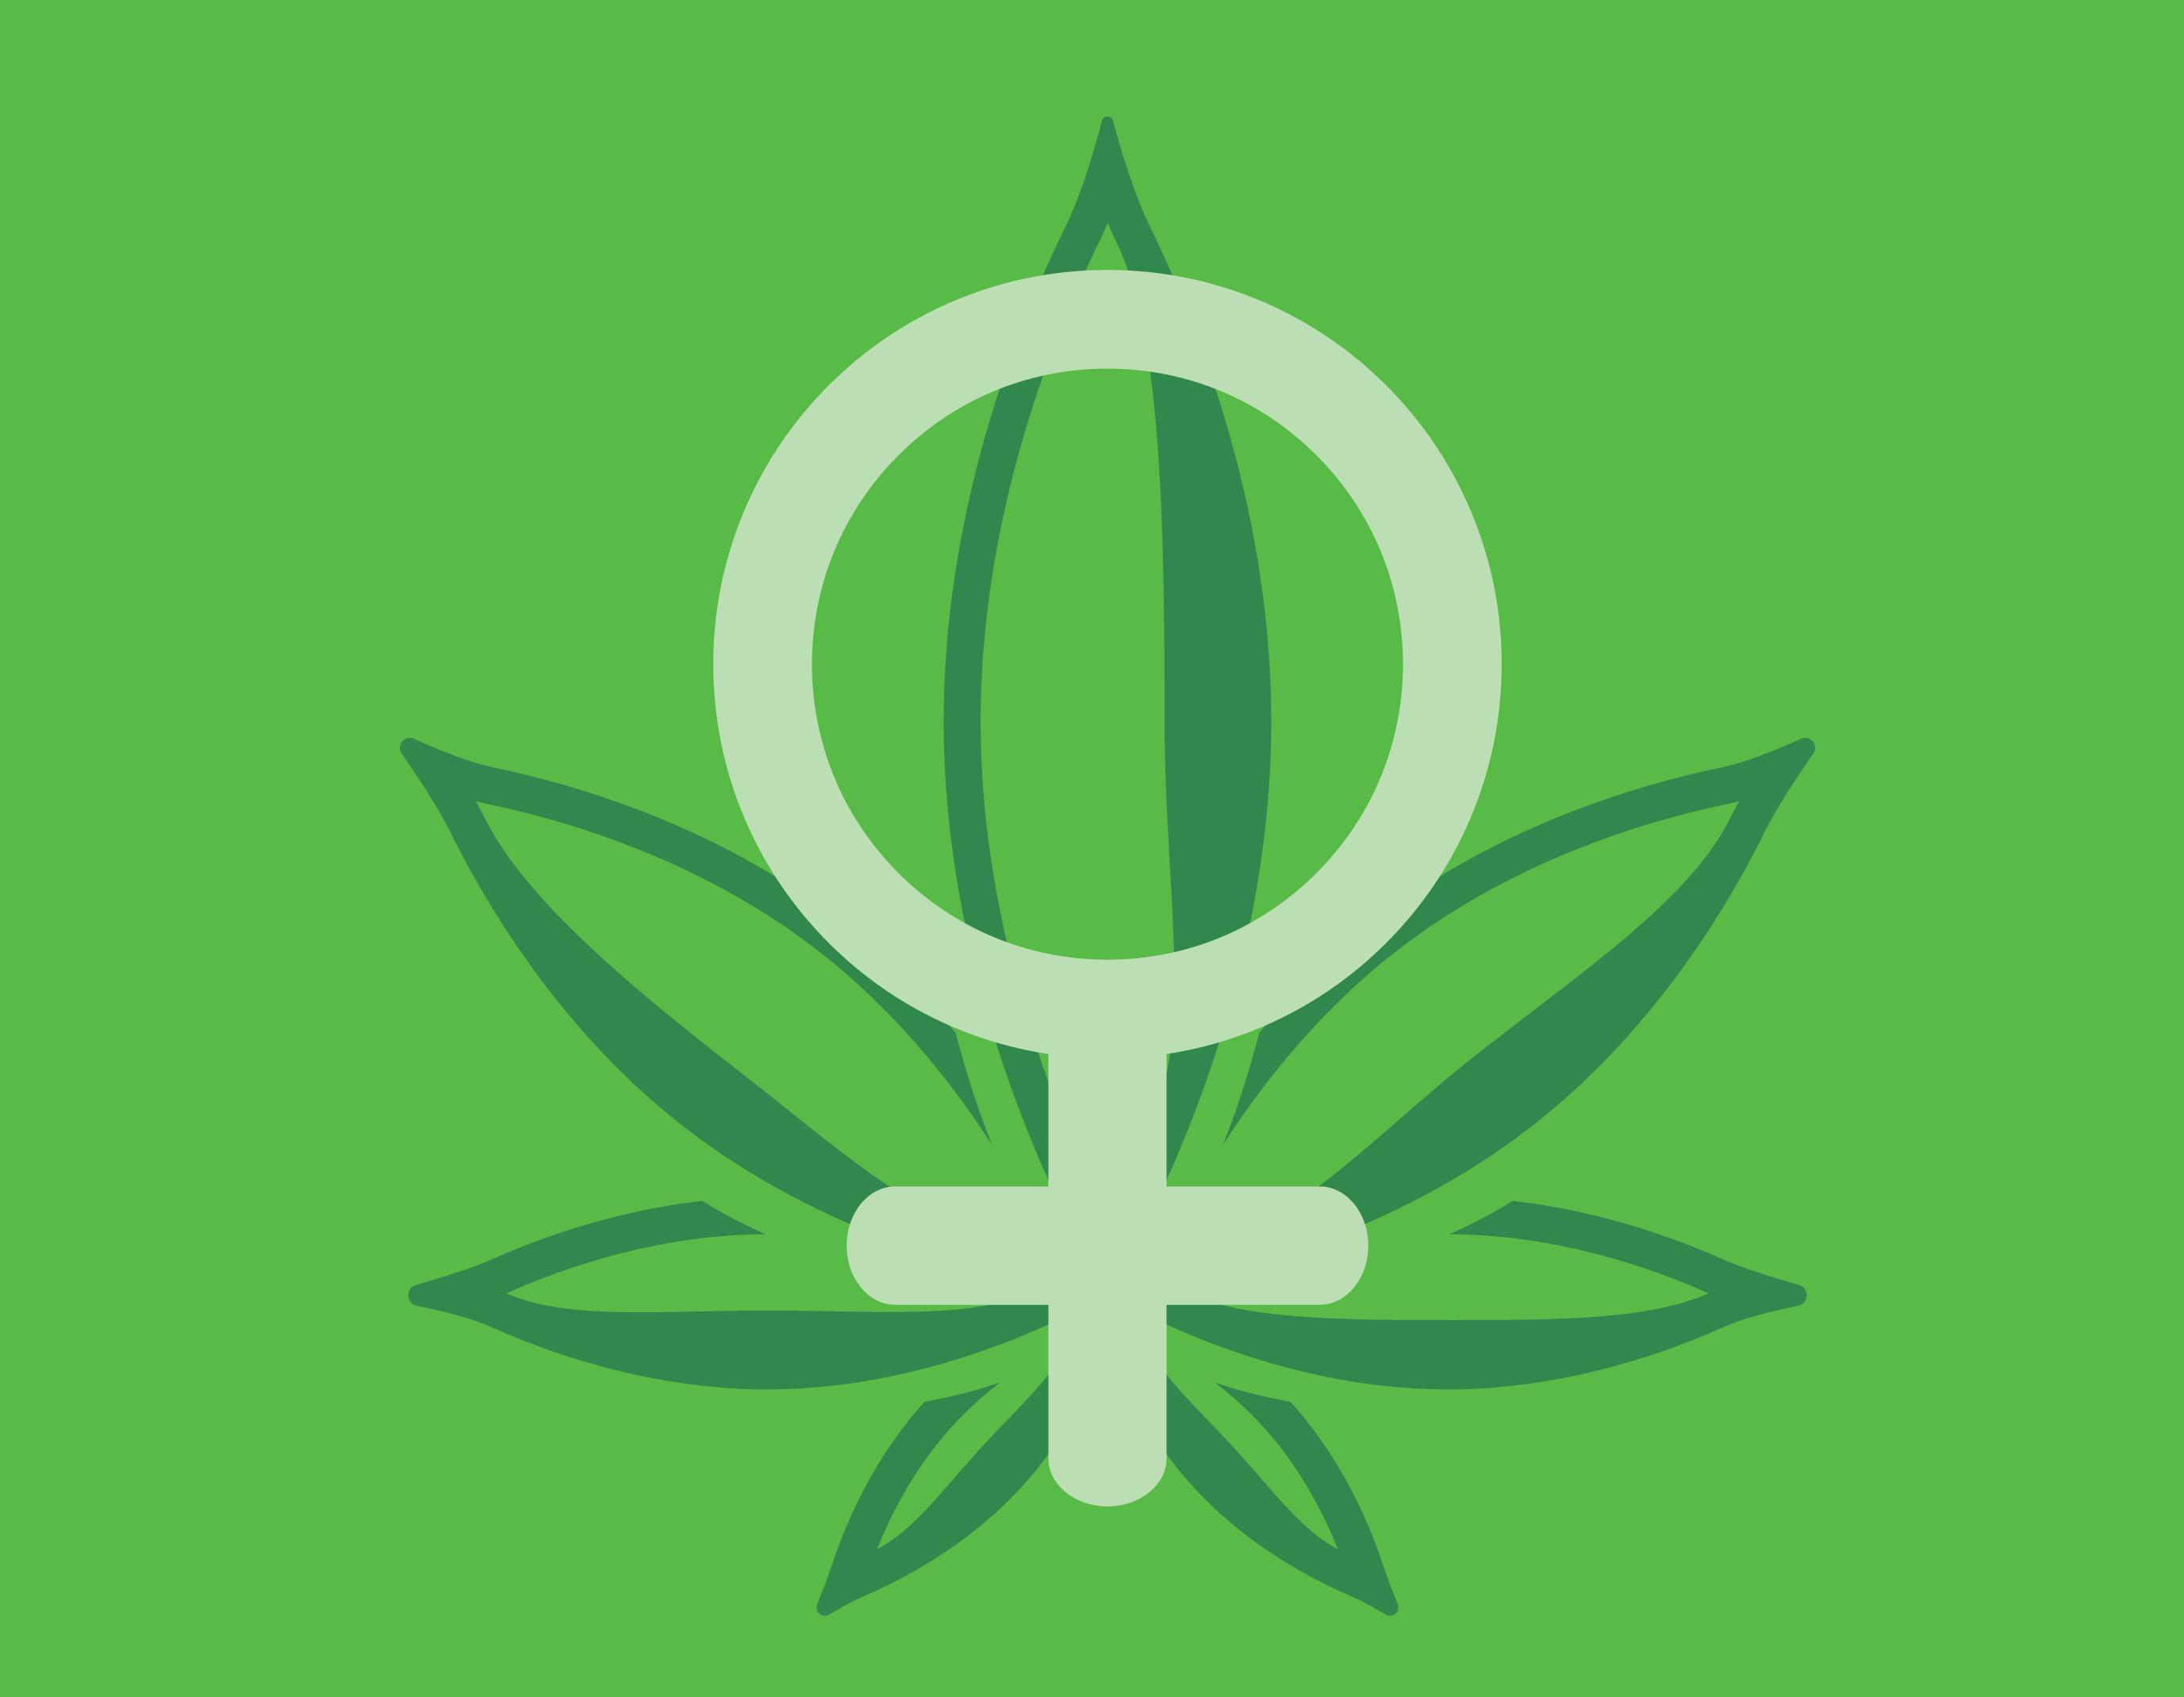 Frau Cannabis Marihuana Verbraucher schmeckt Vorlieben königlichen Königin Samen Lieblings